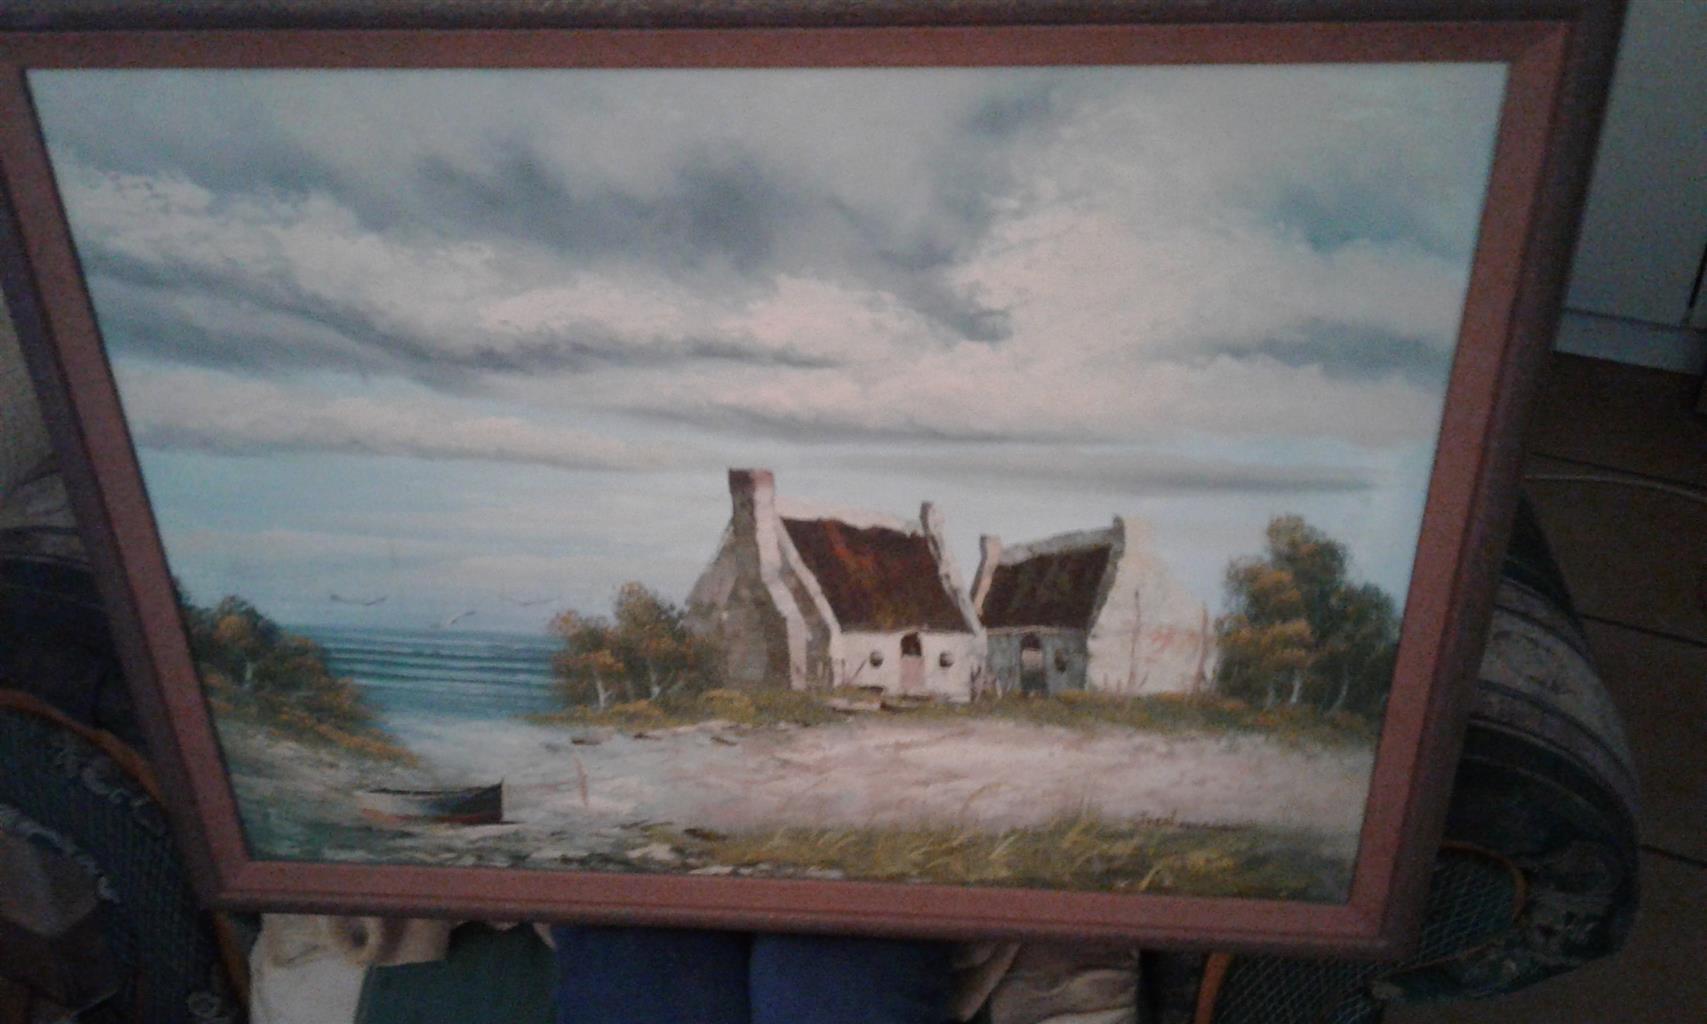 2 Paintings, framed